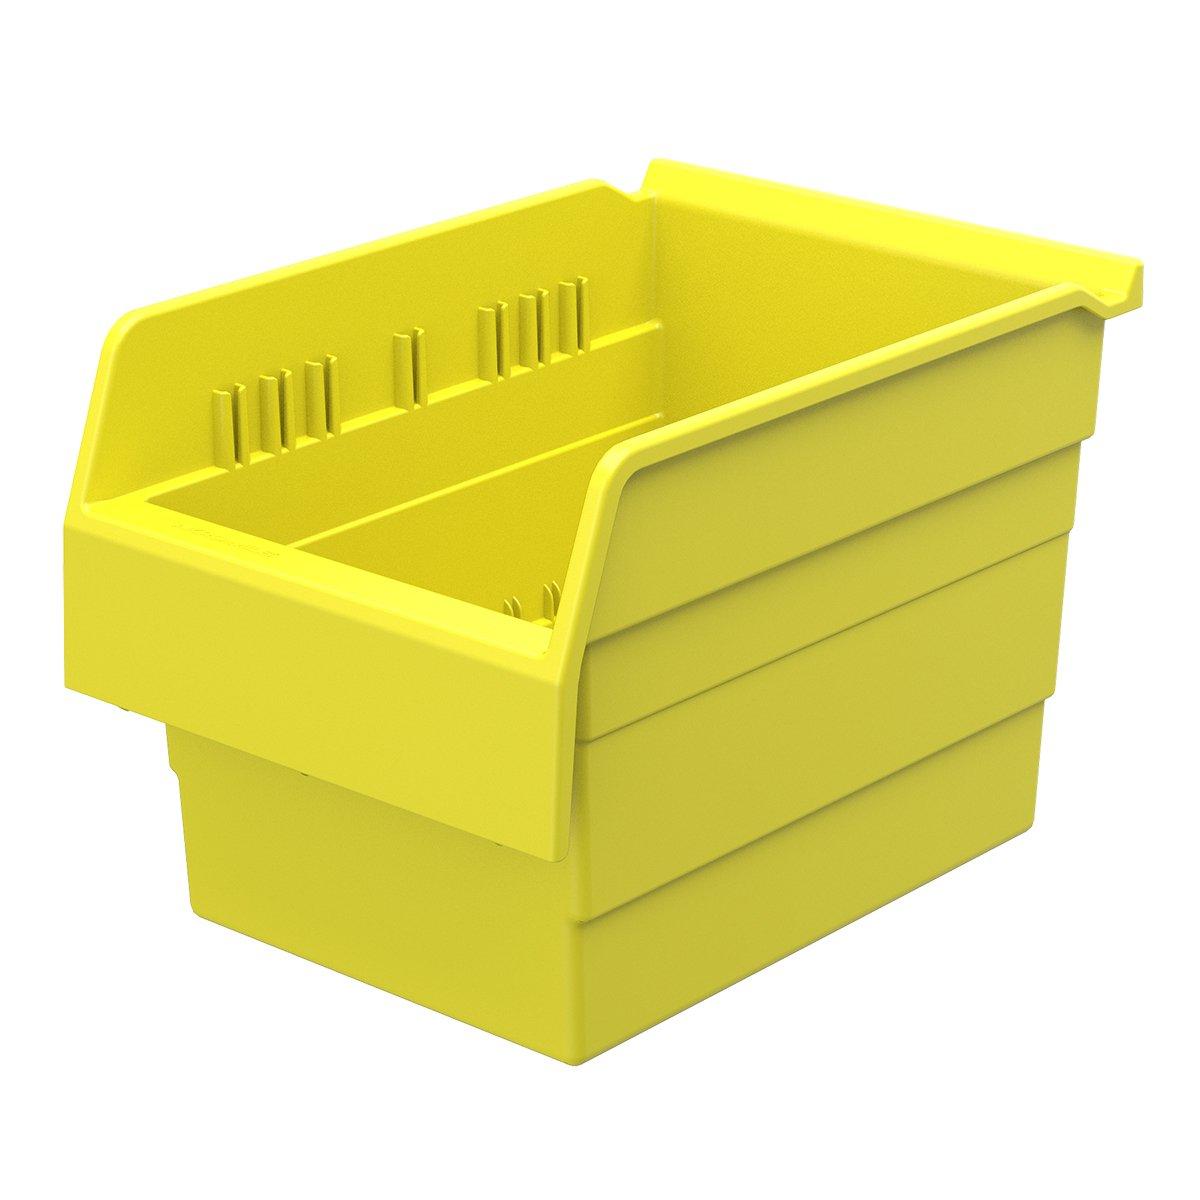 Akro-Mils 30880 ShelfMax 8 Plastic Nesting Shelf Bin Box, 12-Inch x 8-Inch x 8-Inch, Yellow, 8-Pack AKRPJ